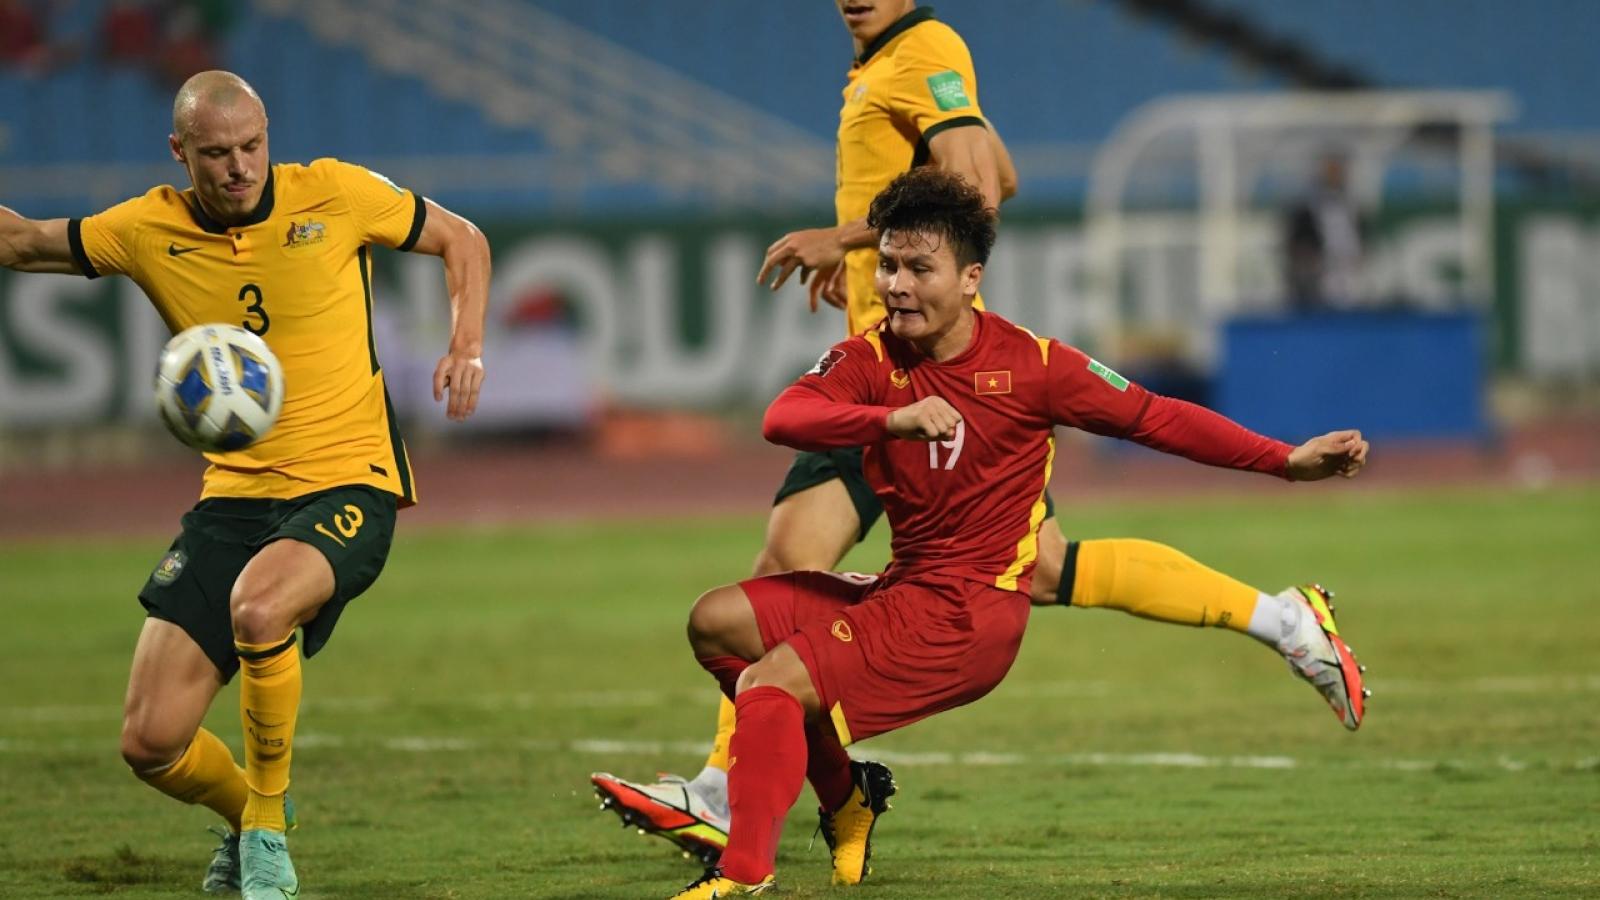 Toàn cảnh ĐT Việt Nam 0-1 Australia: Tranh cãi và tiếc nuối!